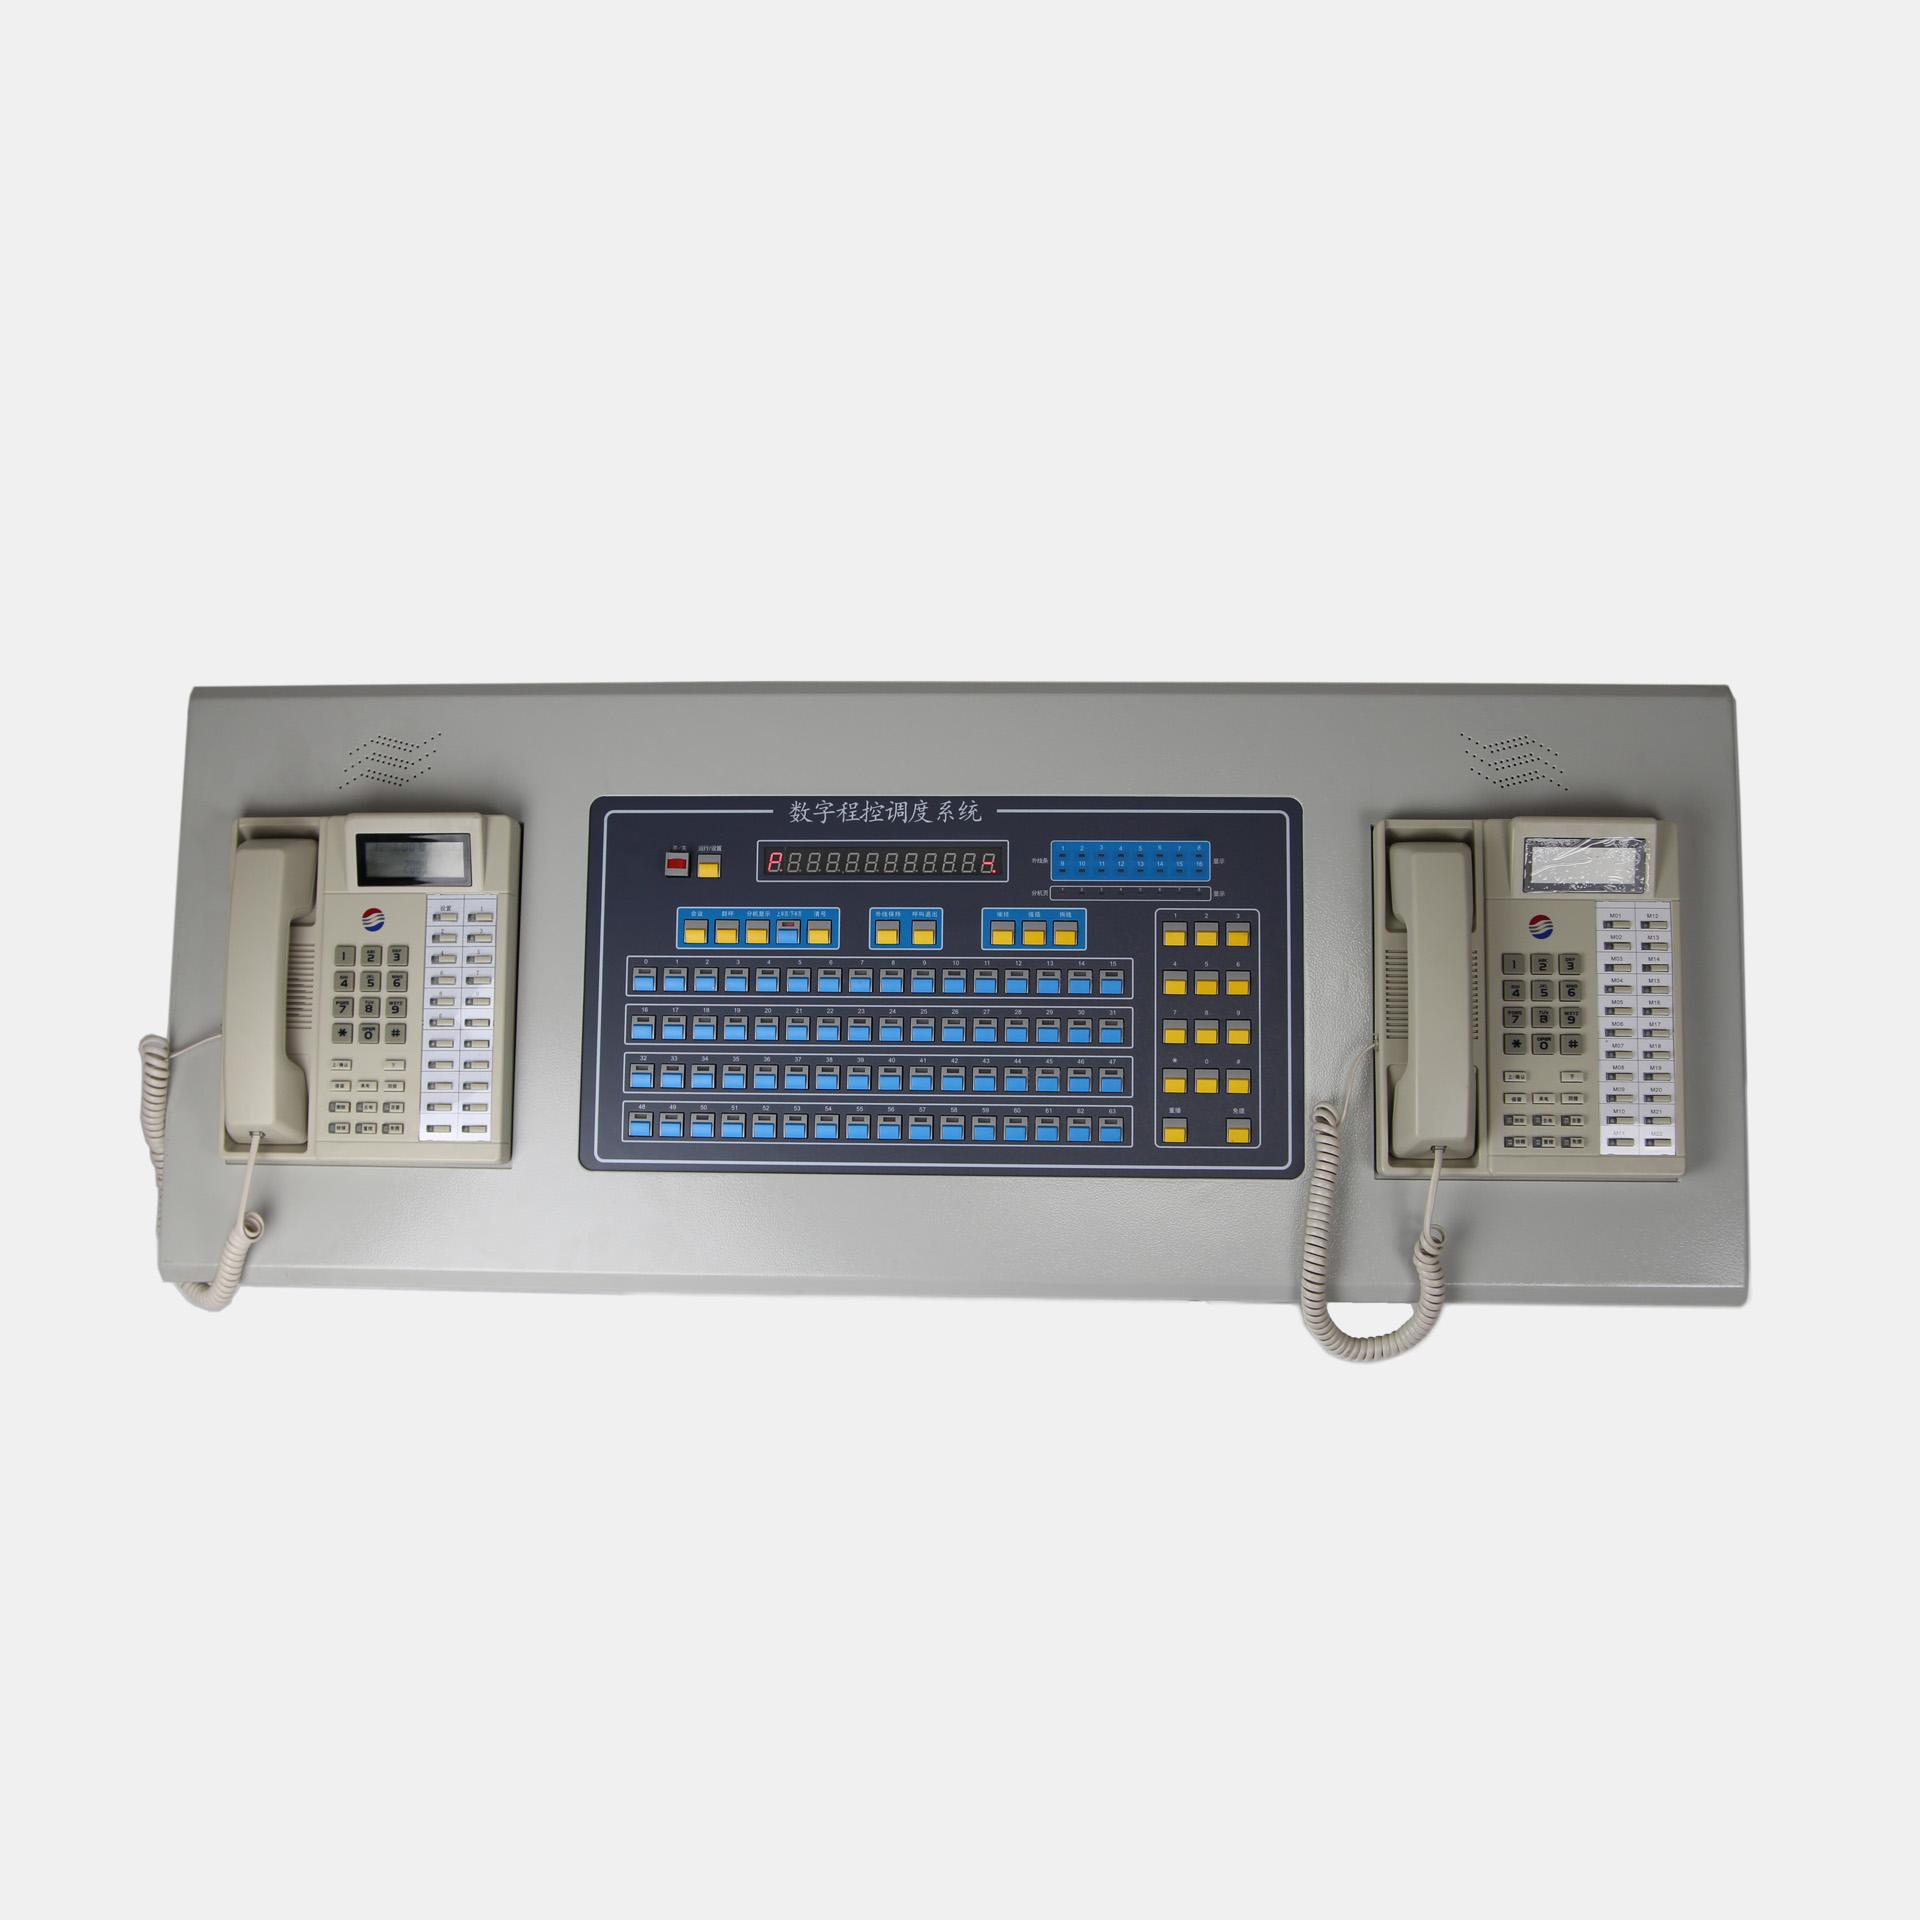 WS848系列 64键丹麦键调度台